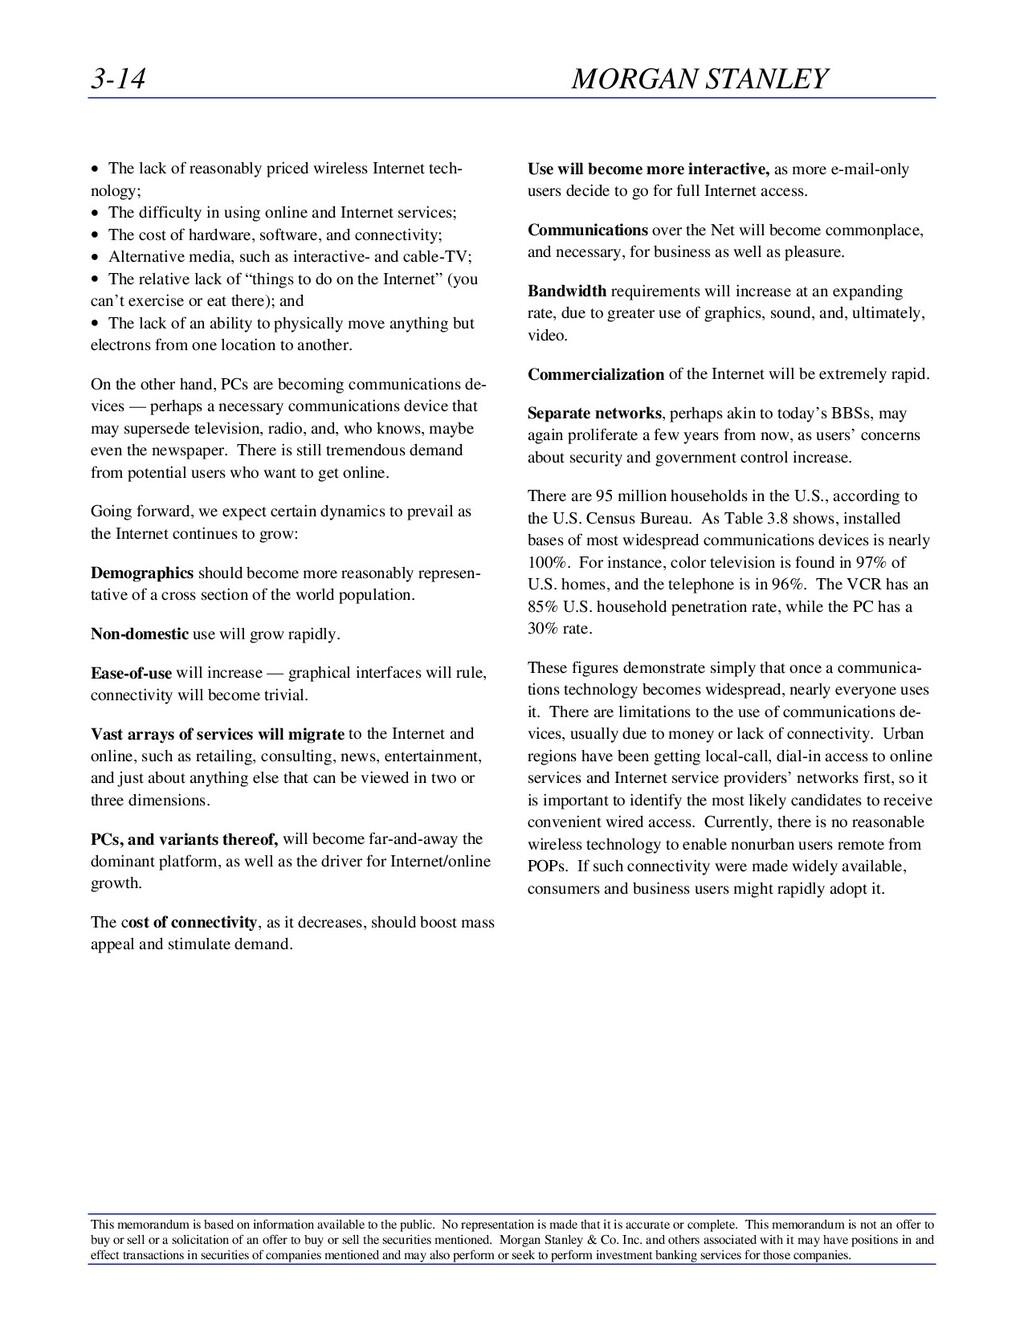 3-14 MORGAN STANLEY This memorandum is based on...